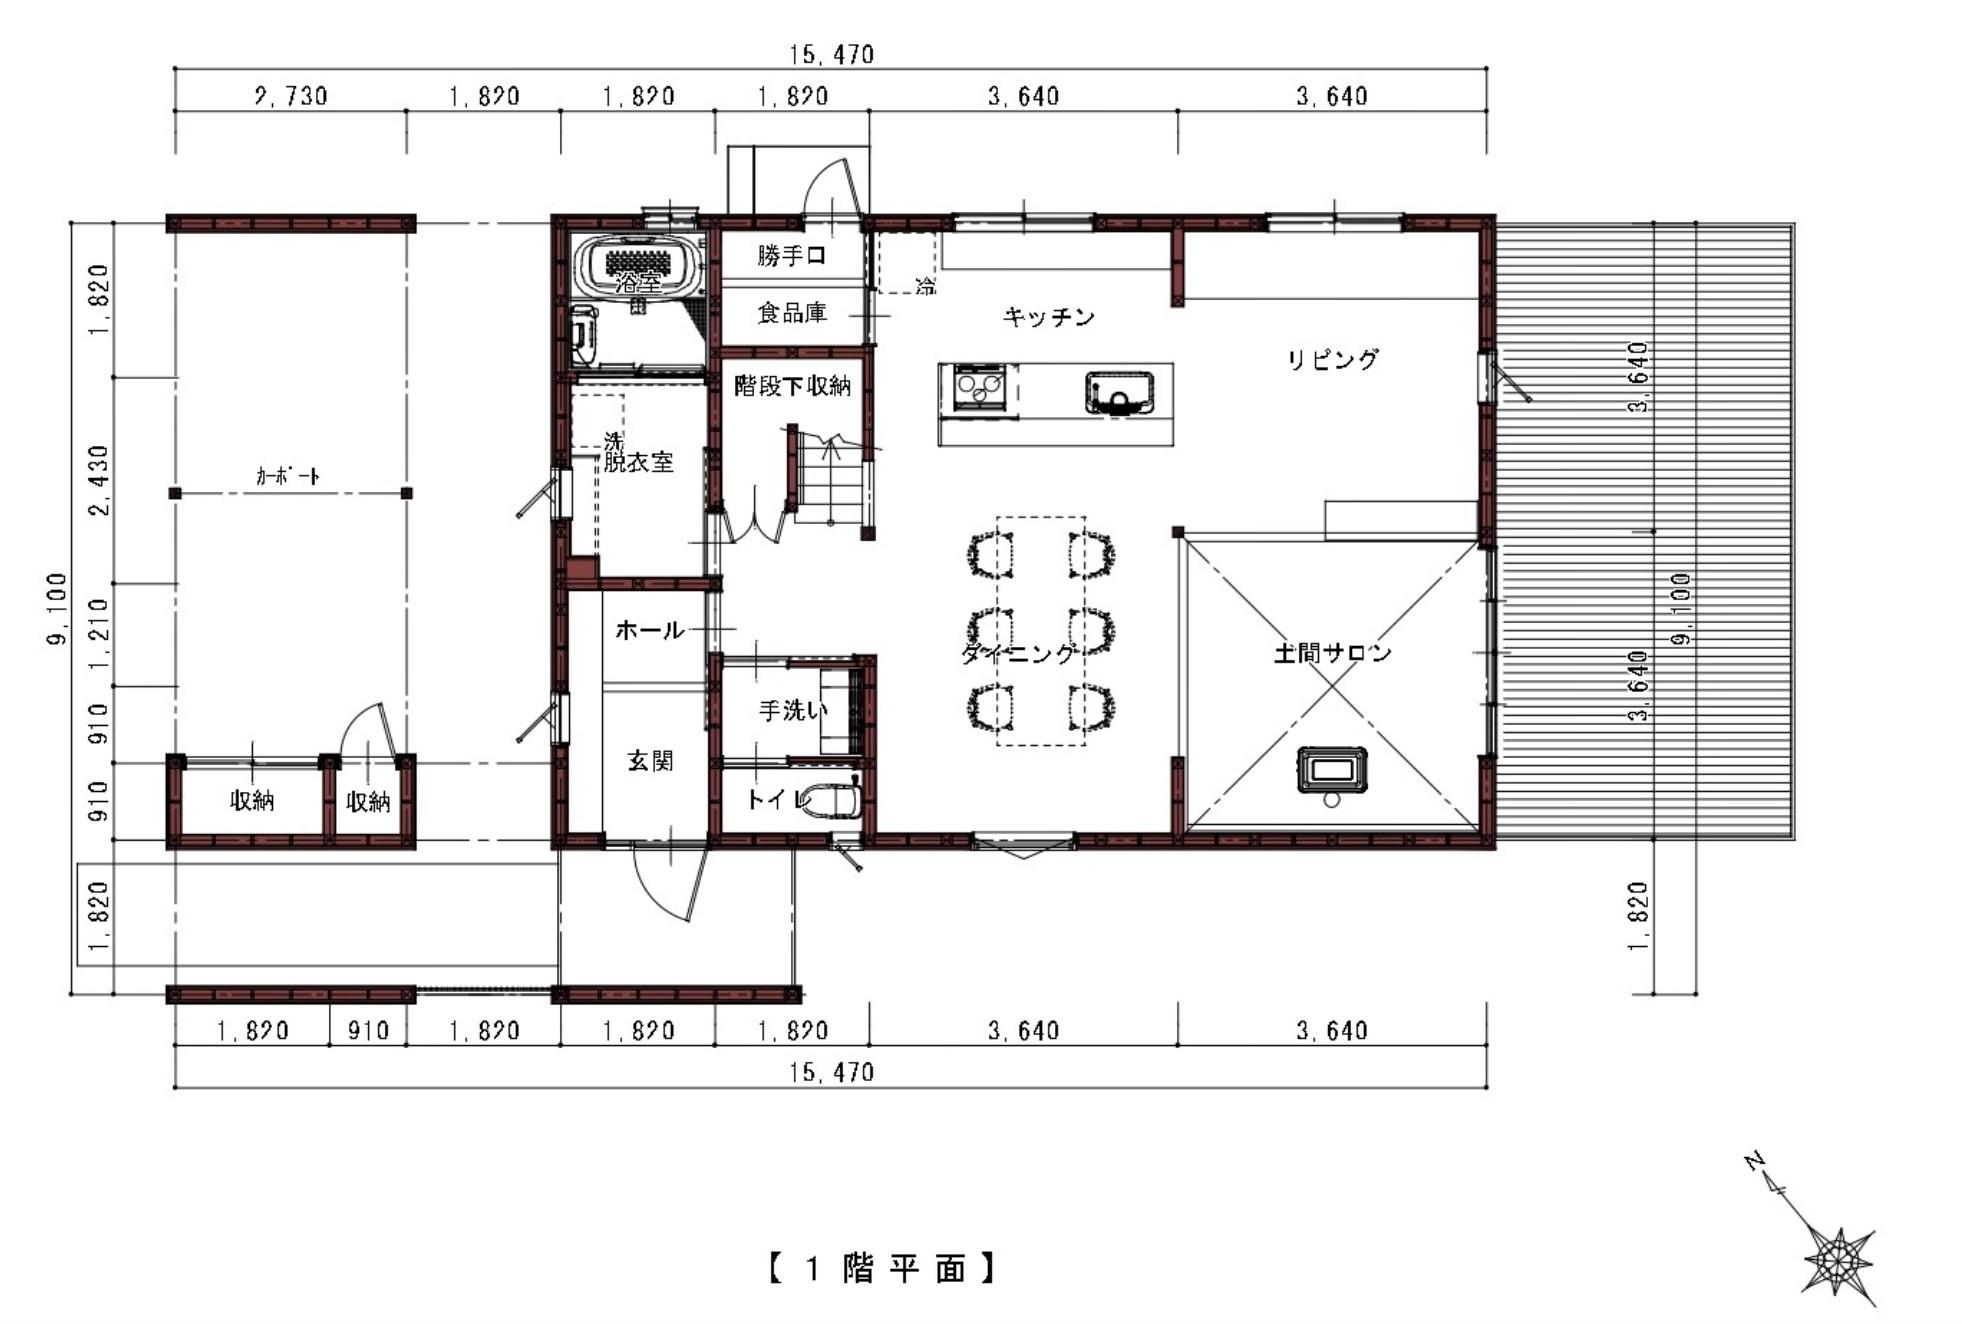 【戸建て__古宿A区画】中軽井沢駅・ハルニレテラスまで車で5分!